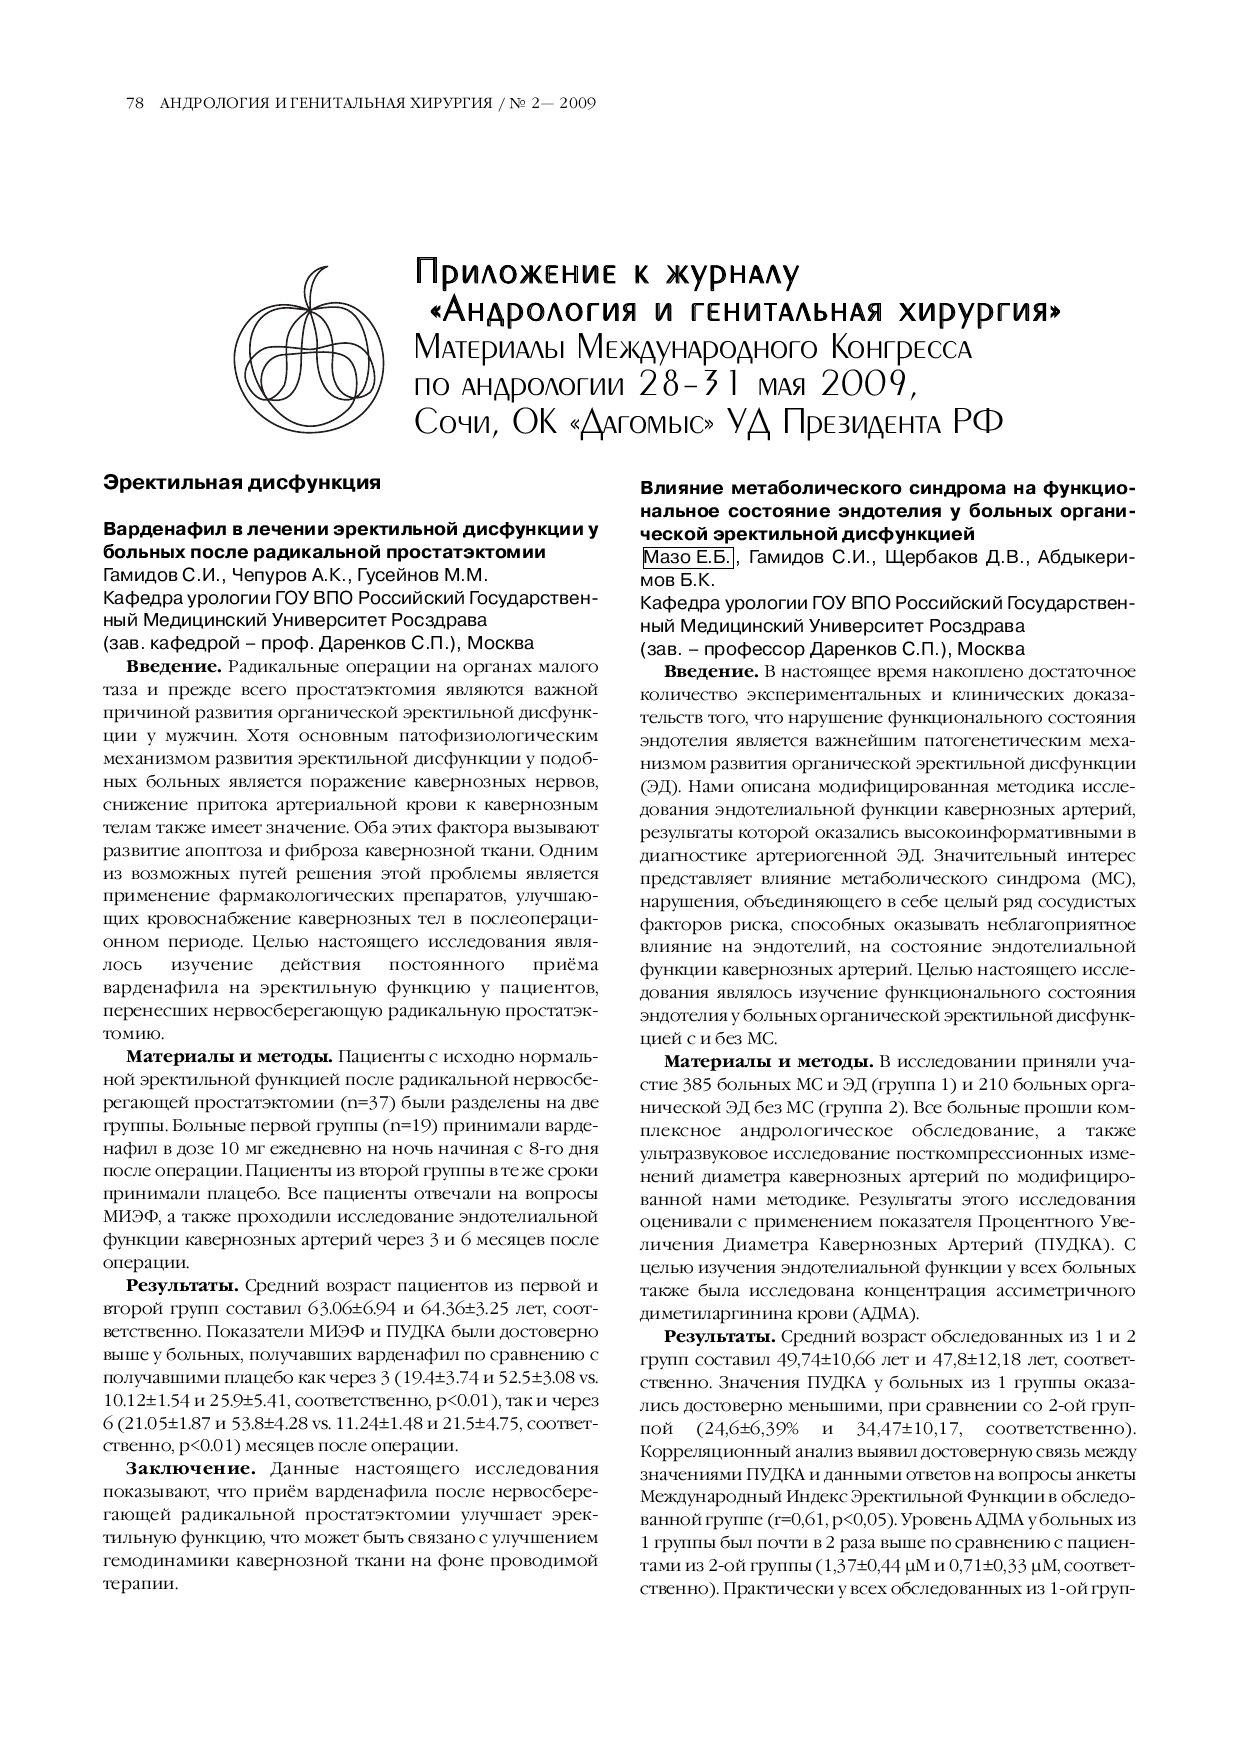 Излечить уреаплазмоз и исчезнут антиспермальные антитела